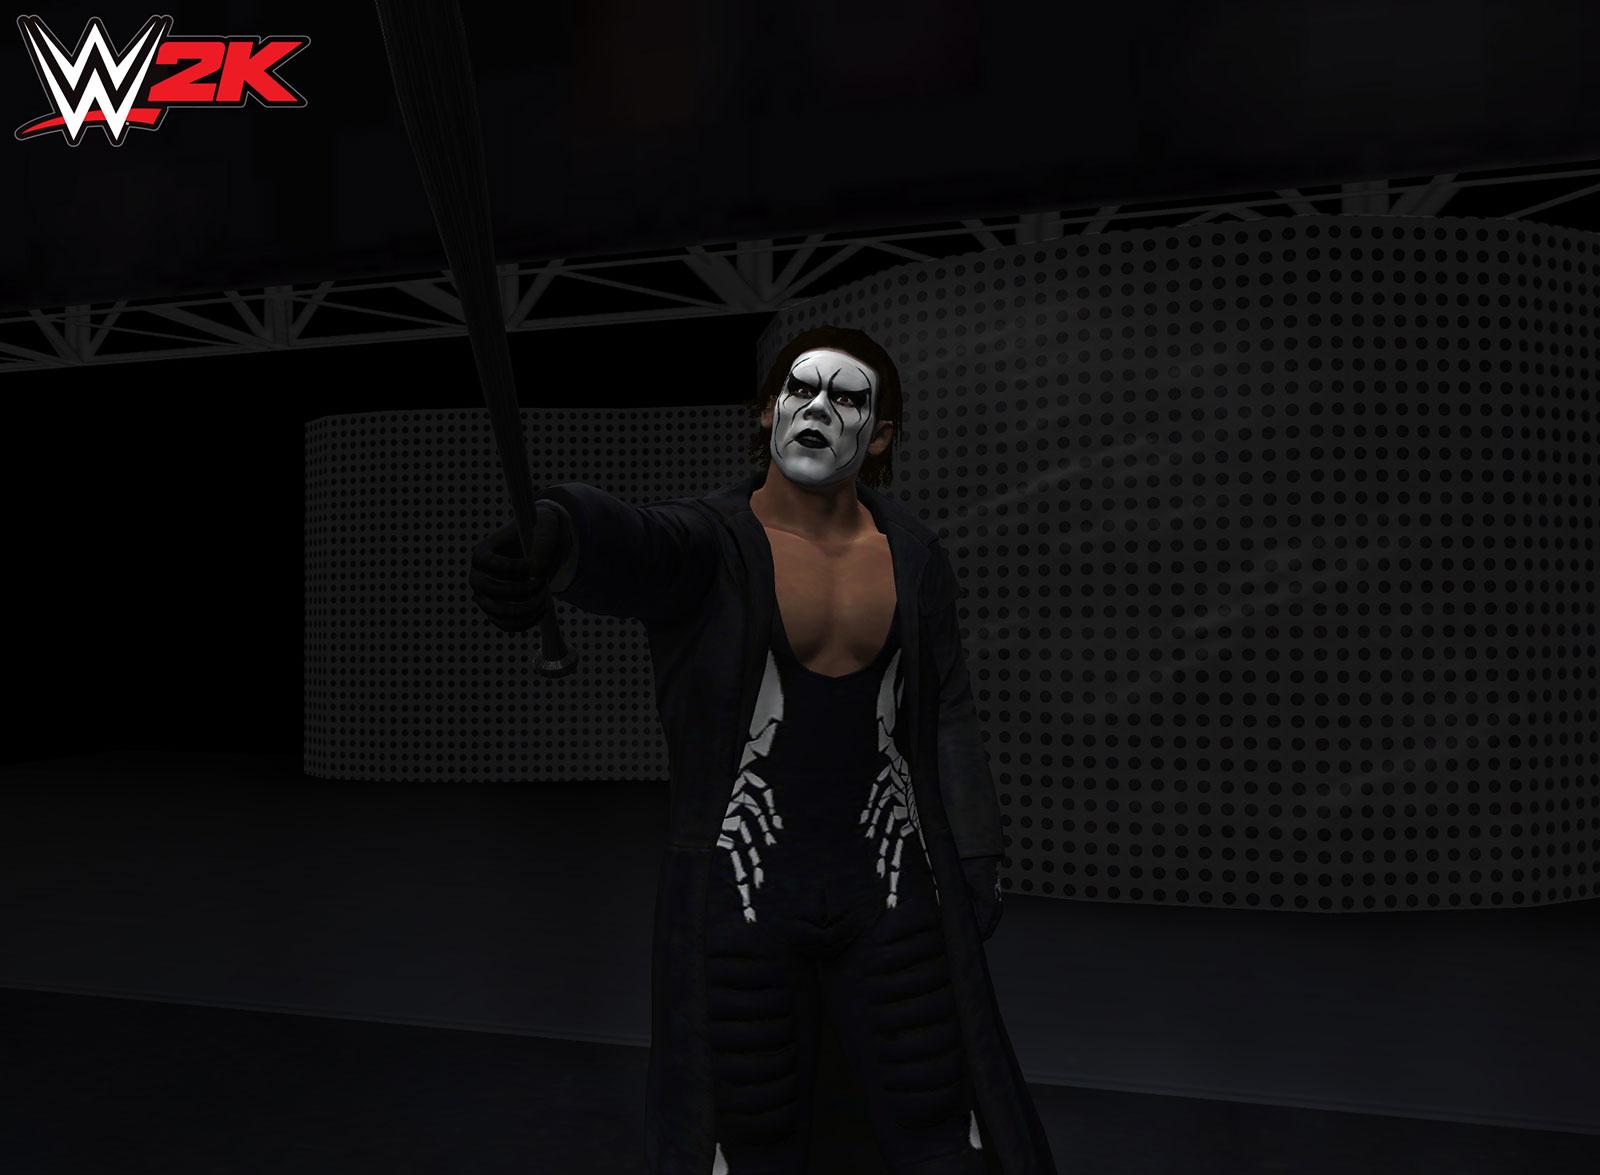 Neue Spiele für iOS: WWE 2K, Lost Within, Drylands, Brutus & Futée, Tiny Guardians, Avernum 2, Spellcrafter, AUX B und mehr!